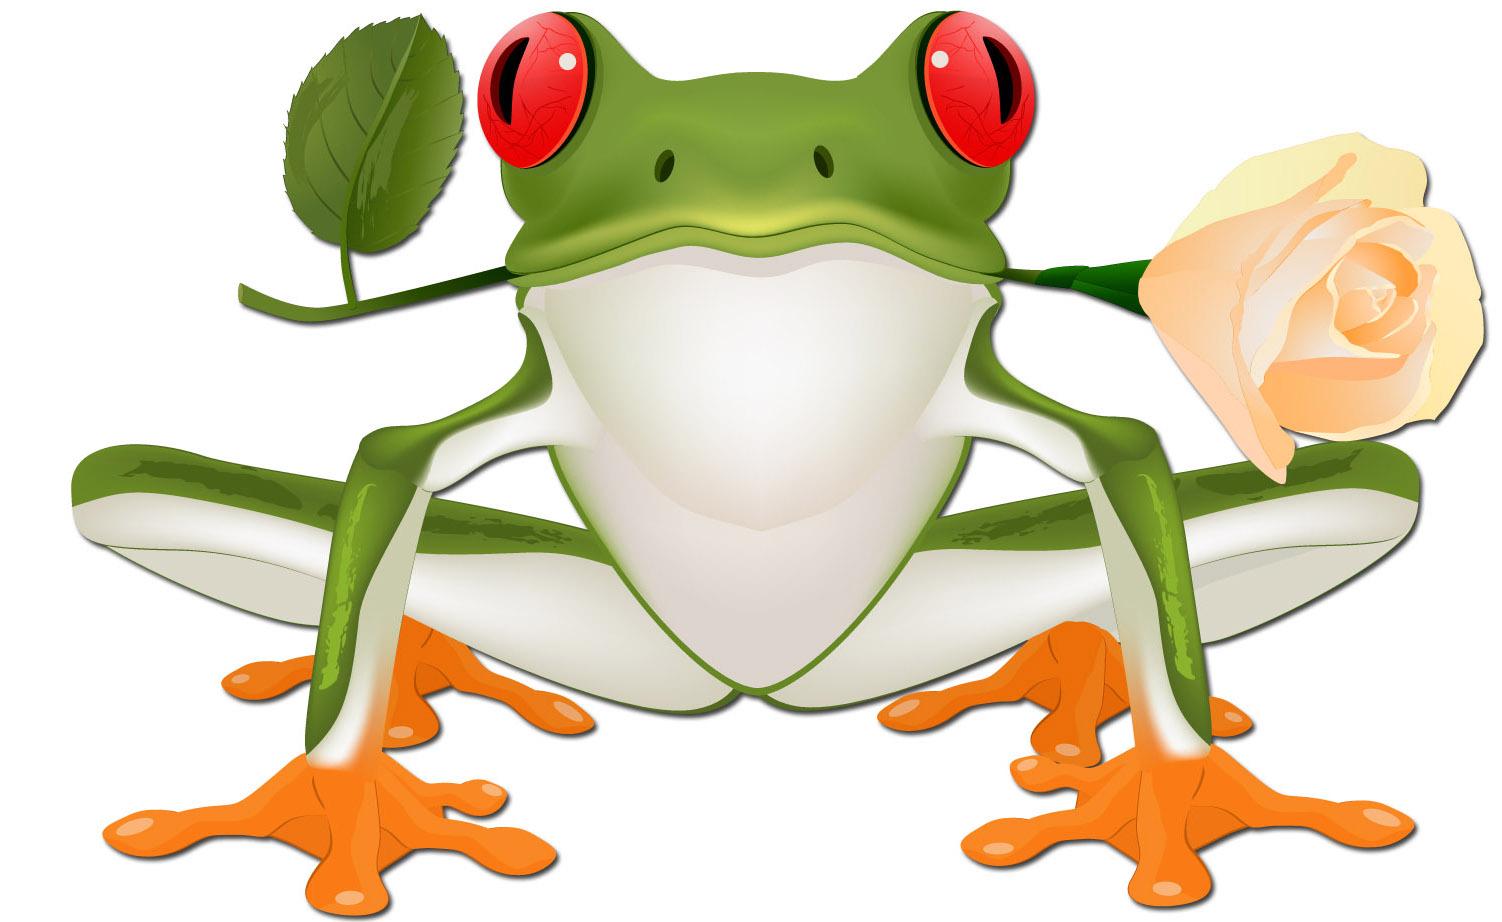 Kurbağalar neyi hayal ediyor